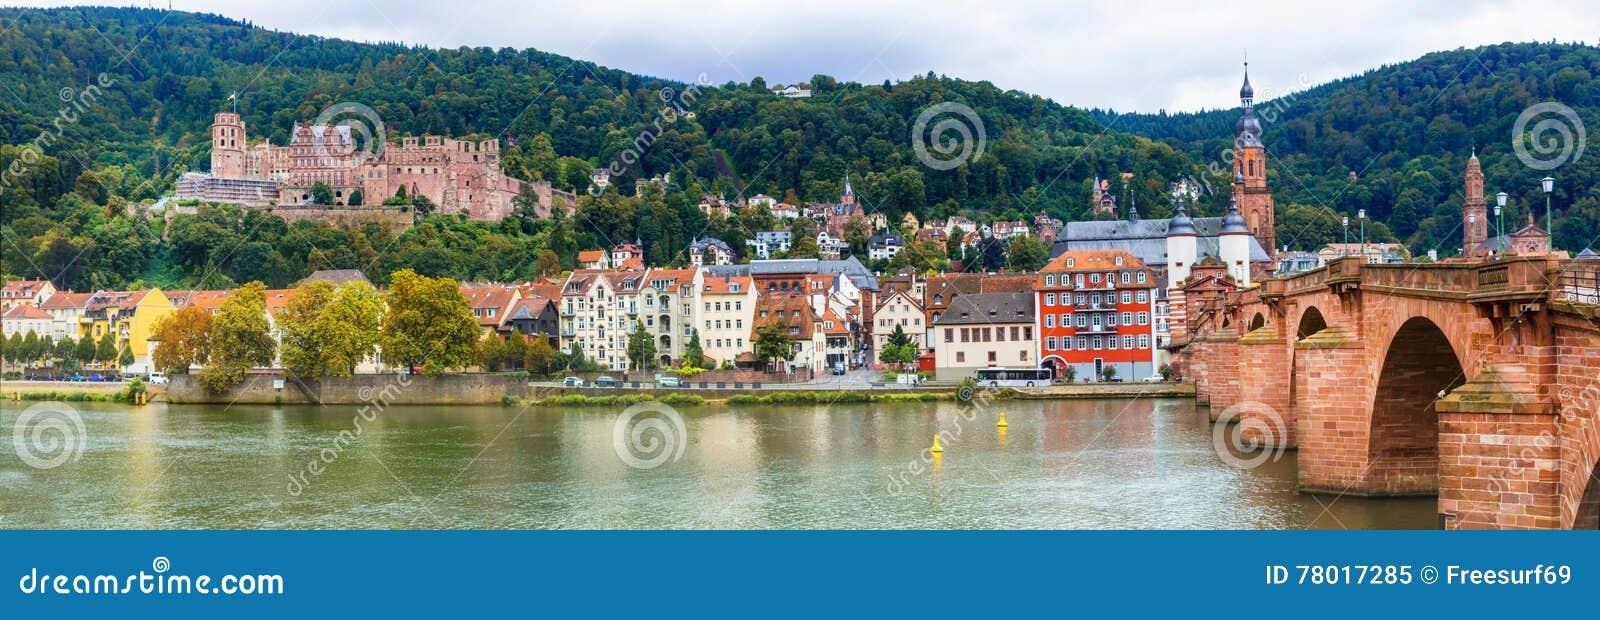 Eindrucksvolle mittelalterliche Stadt Heidelberg Ansicht mit berühmtem Schloss und